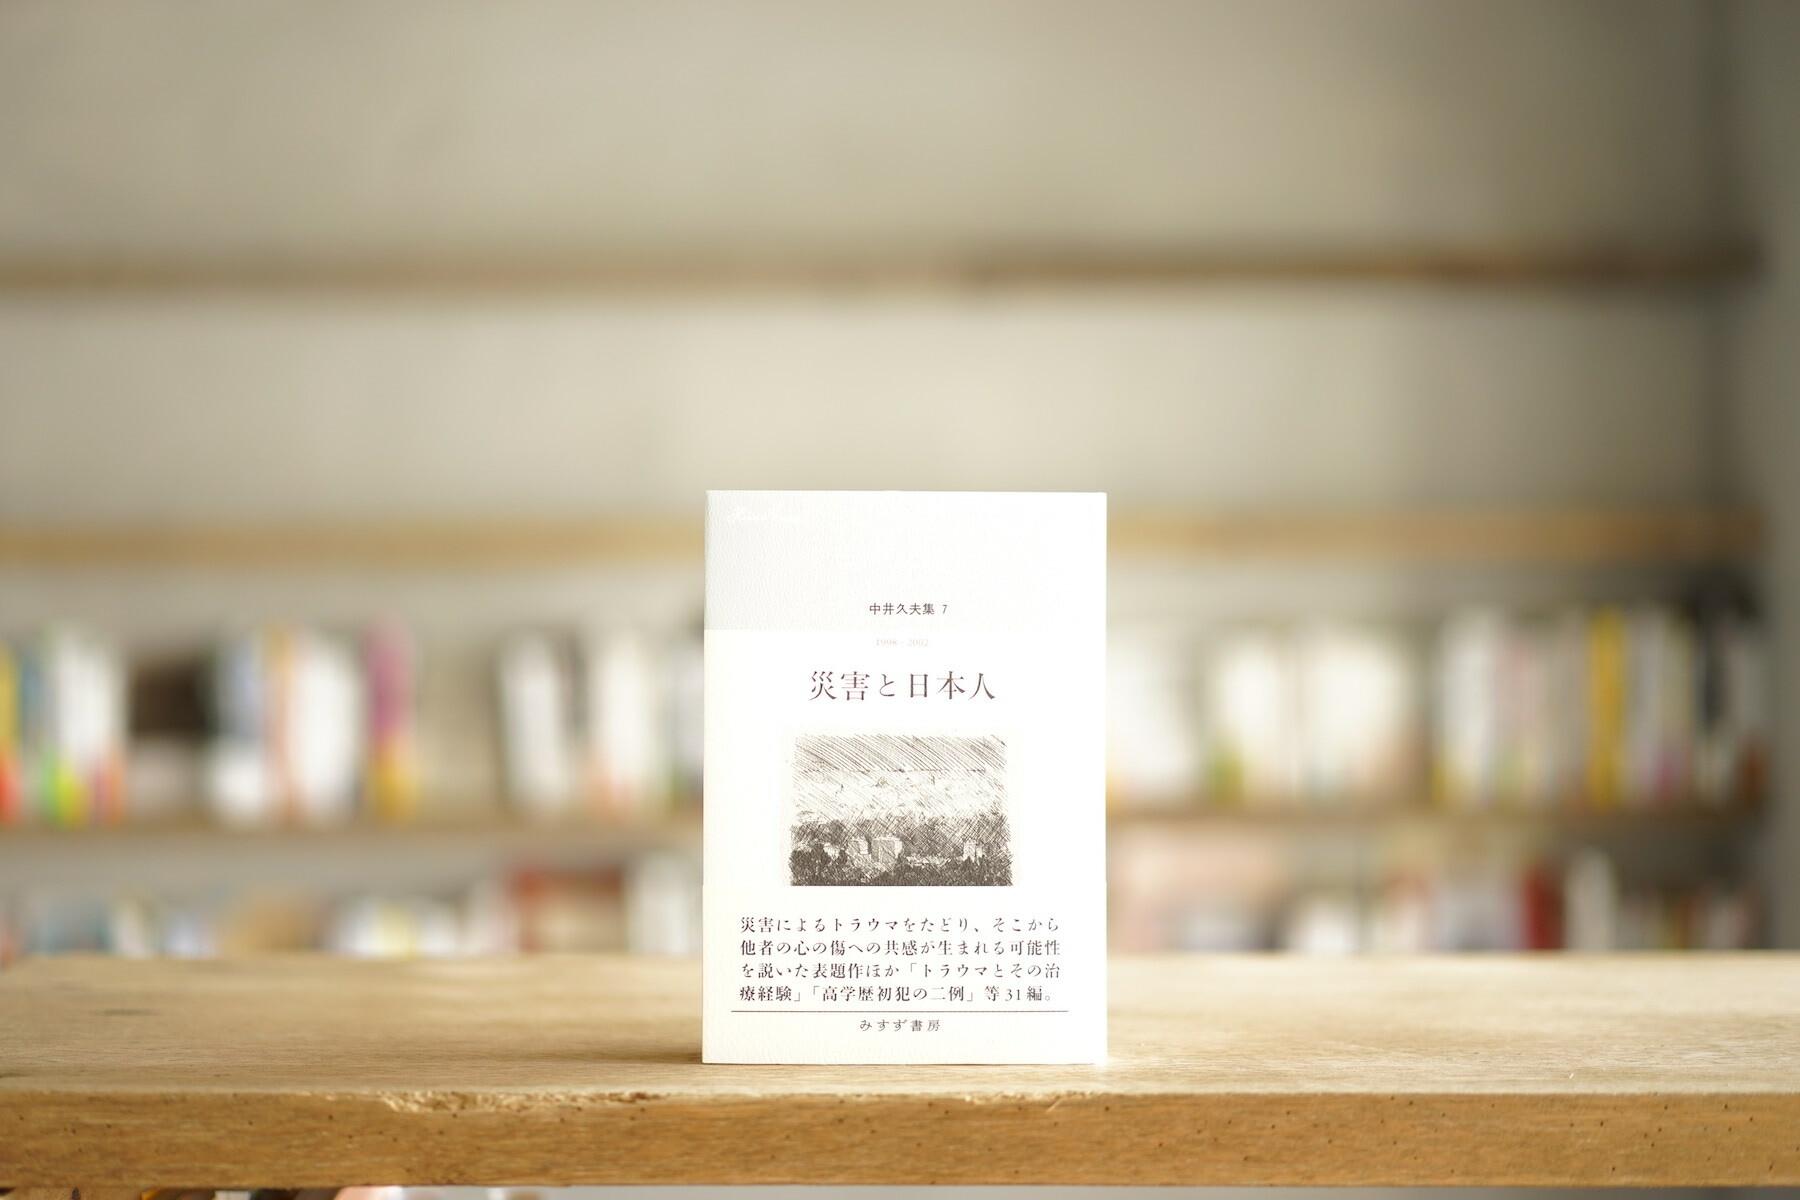 中井久夫 『中井久夫集7 1998-2002 災害と日本人』 (みすず書房、2018)